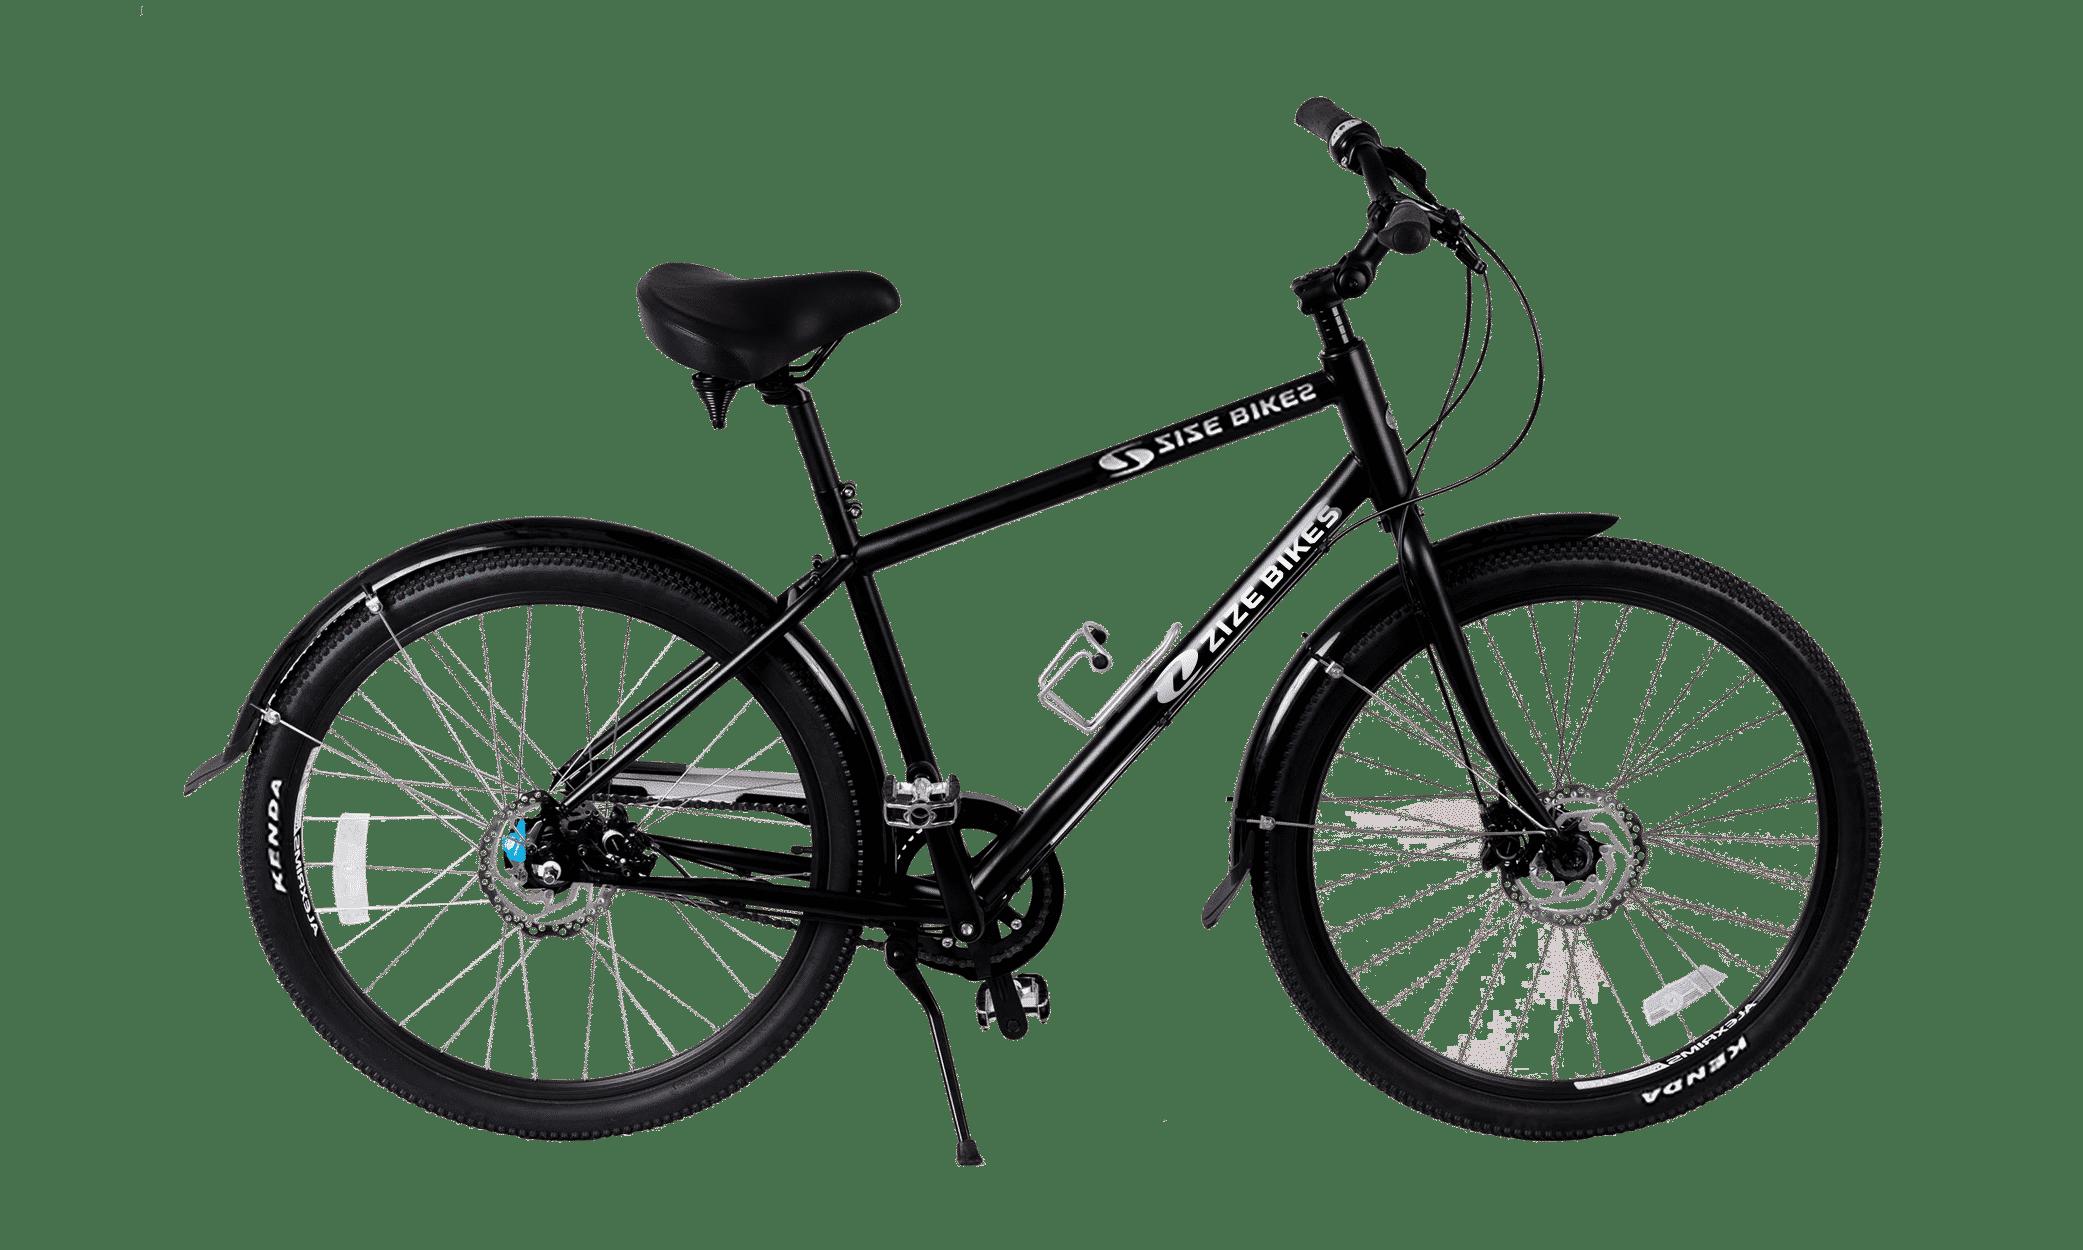 ZIZE A New Leaf 3.0 plus size bike